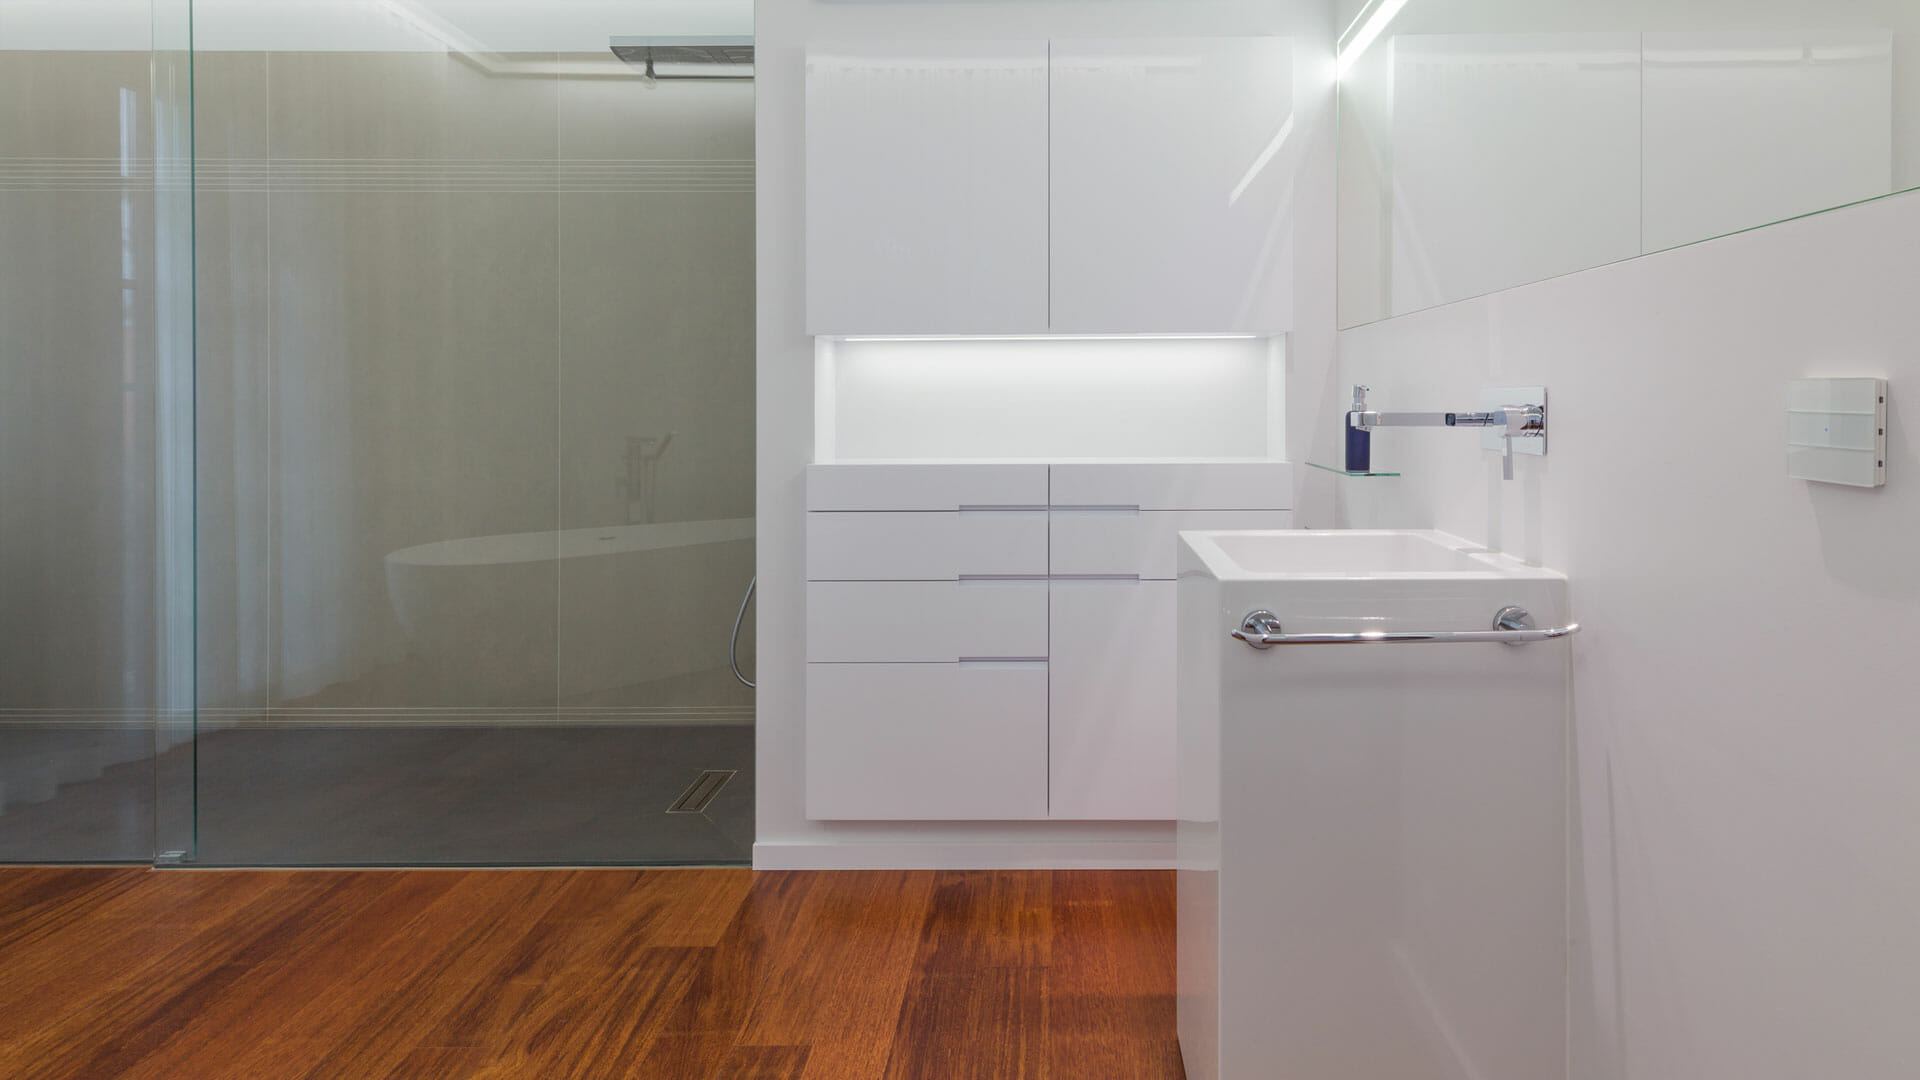 Standwaschbecken, dahinter Niescheneinbauschrank und bodengleiche dusche